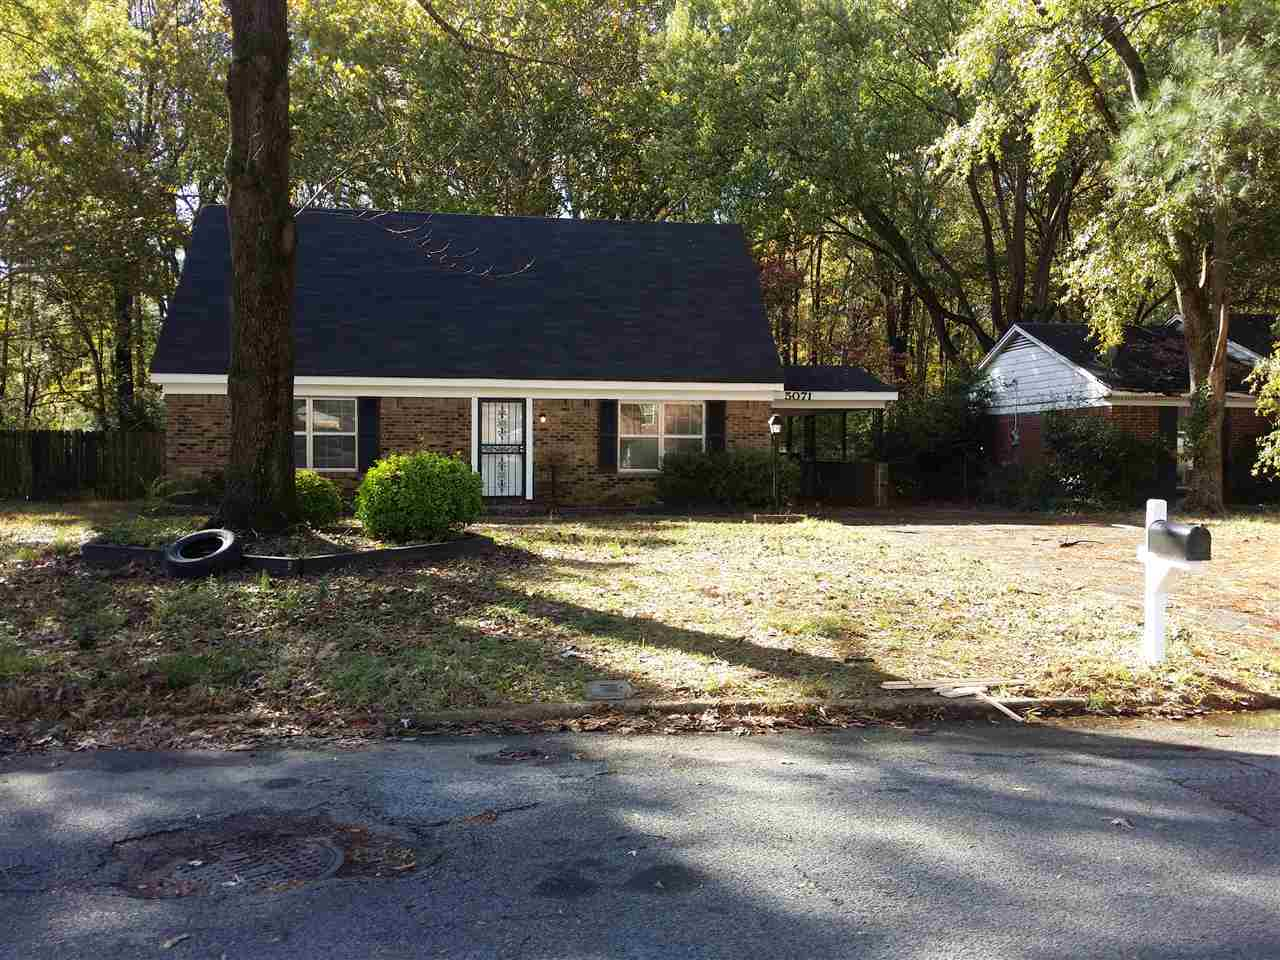 5071 Dianne Dr, Memphis, TN